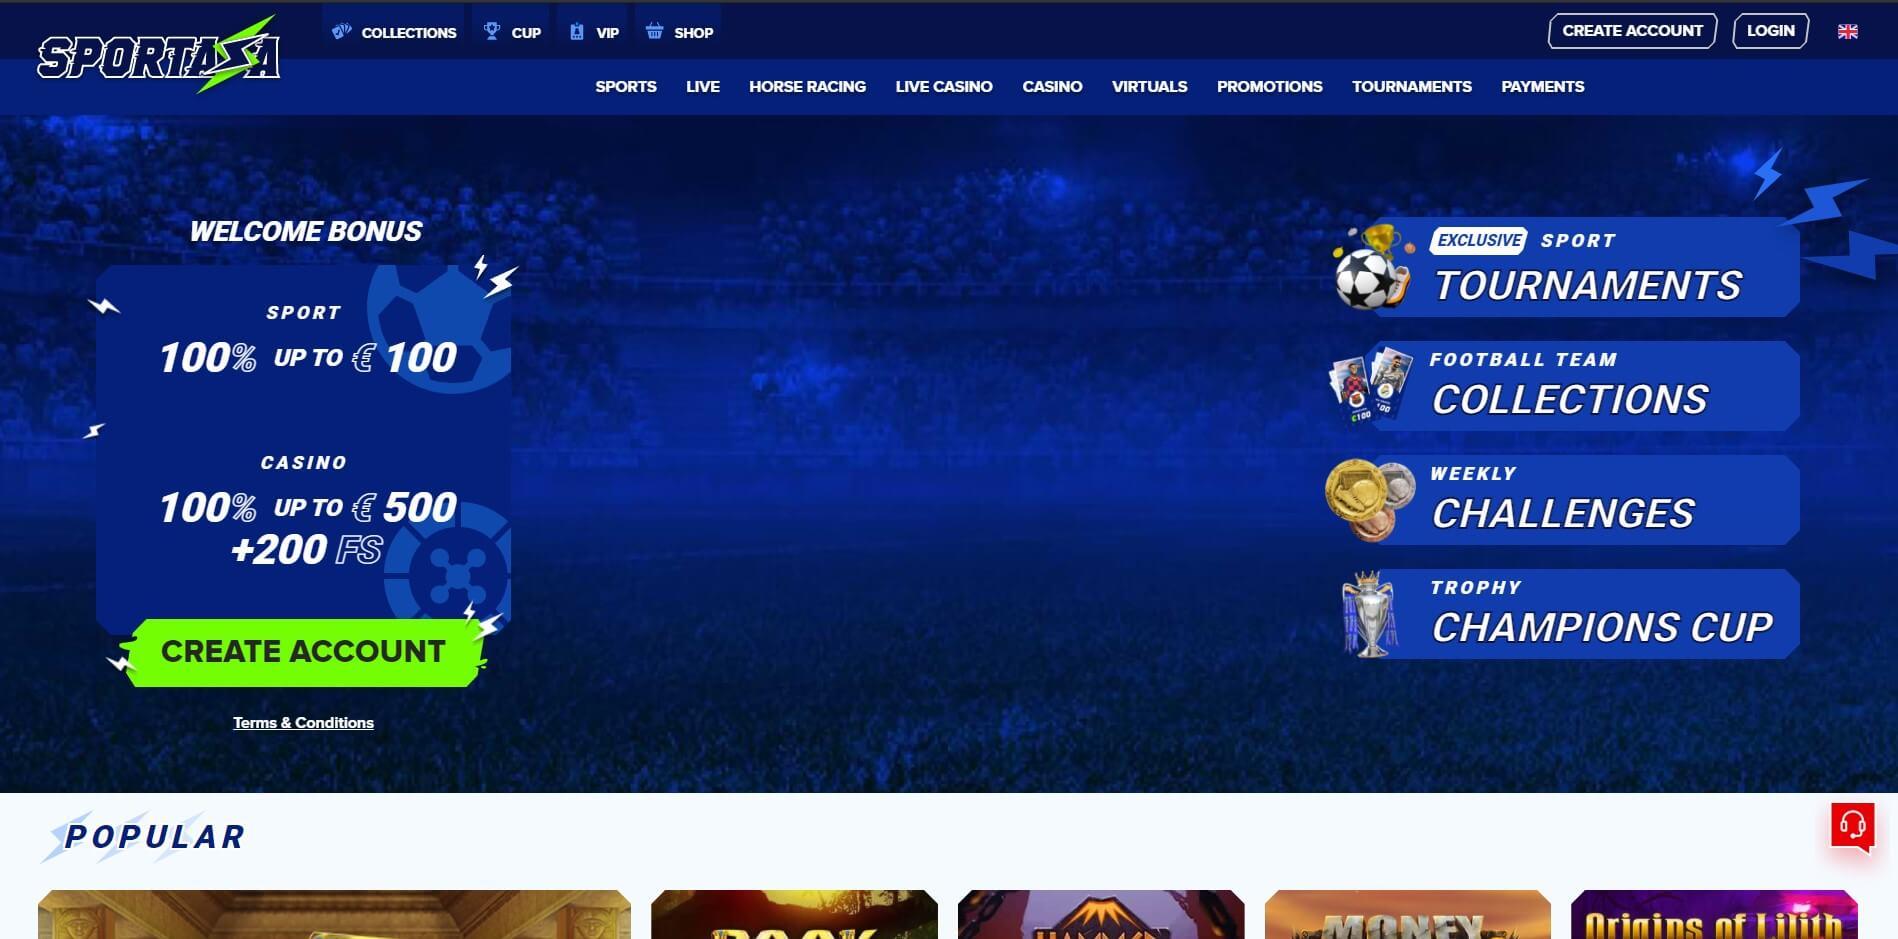 sportaza.com - Website Review